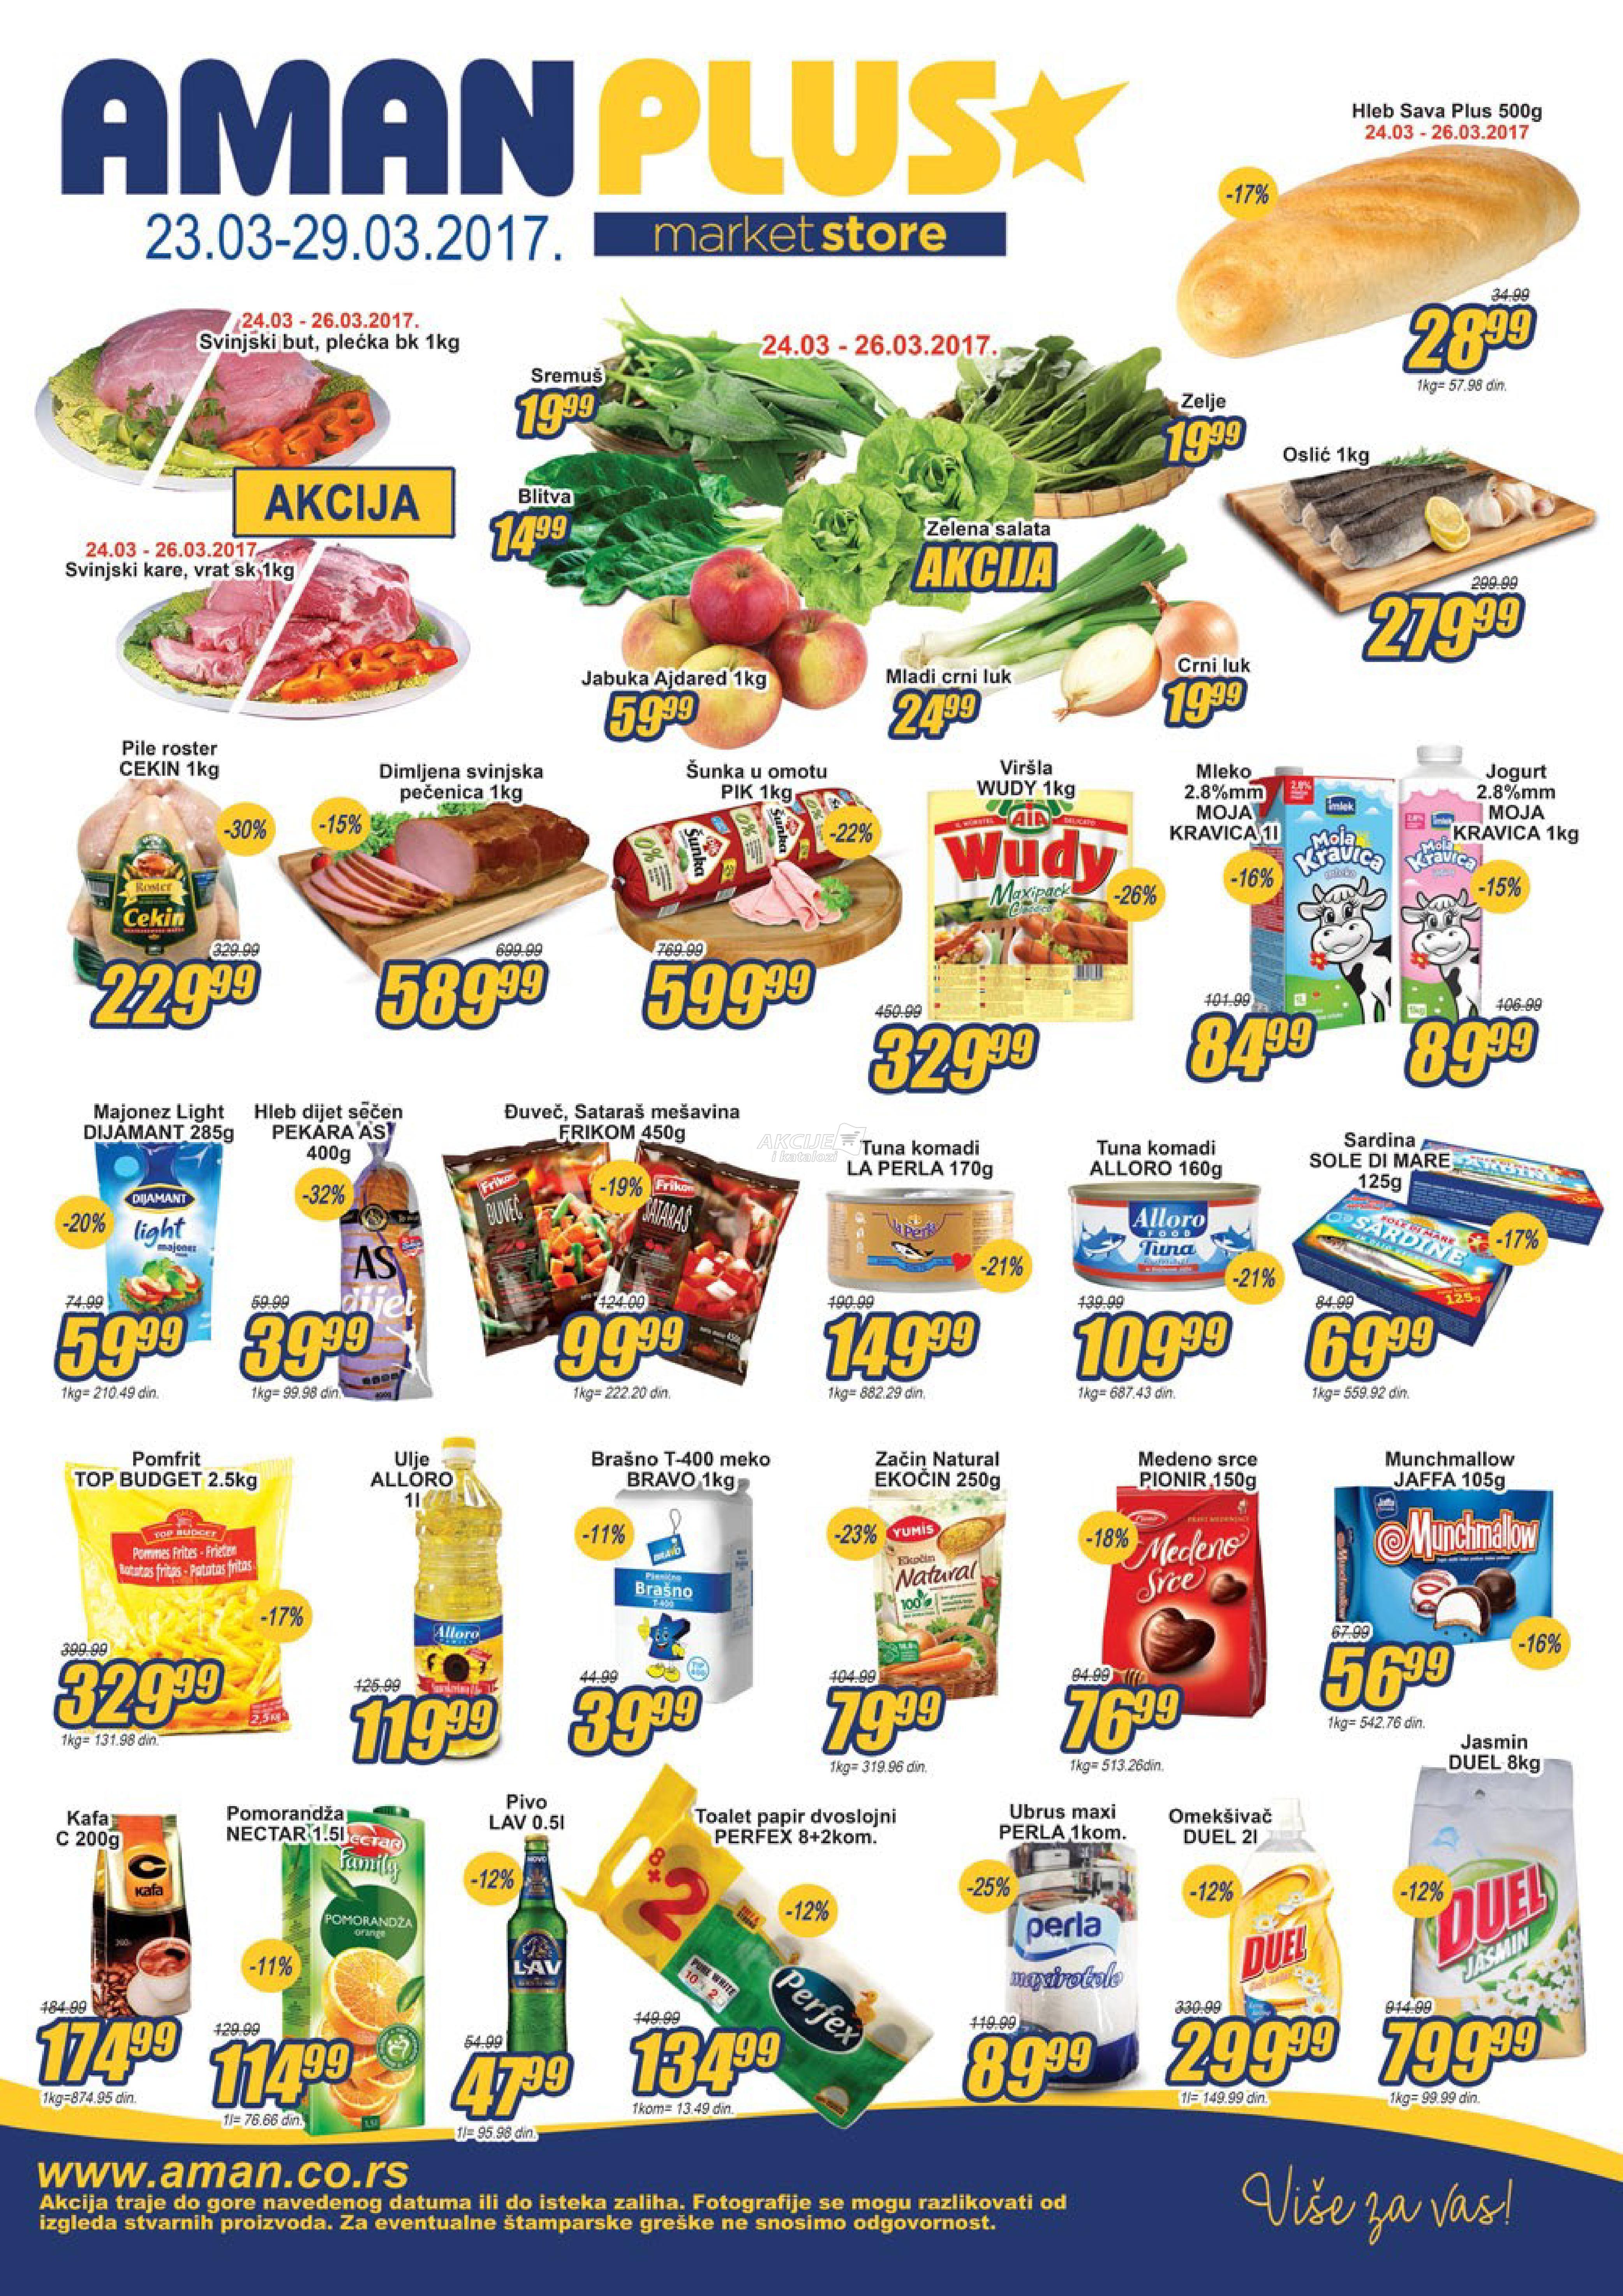 Aman Plus - Redovna akcija super kupovine